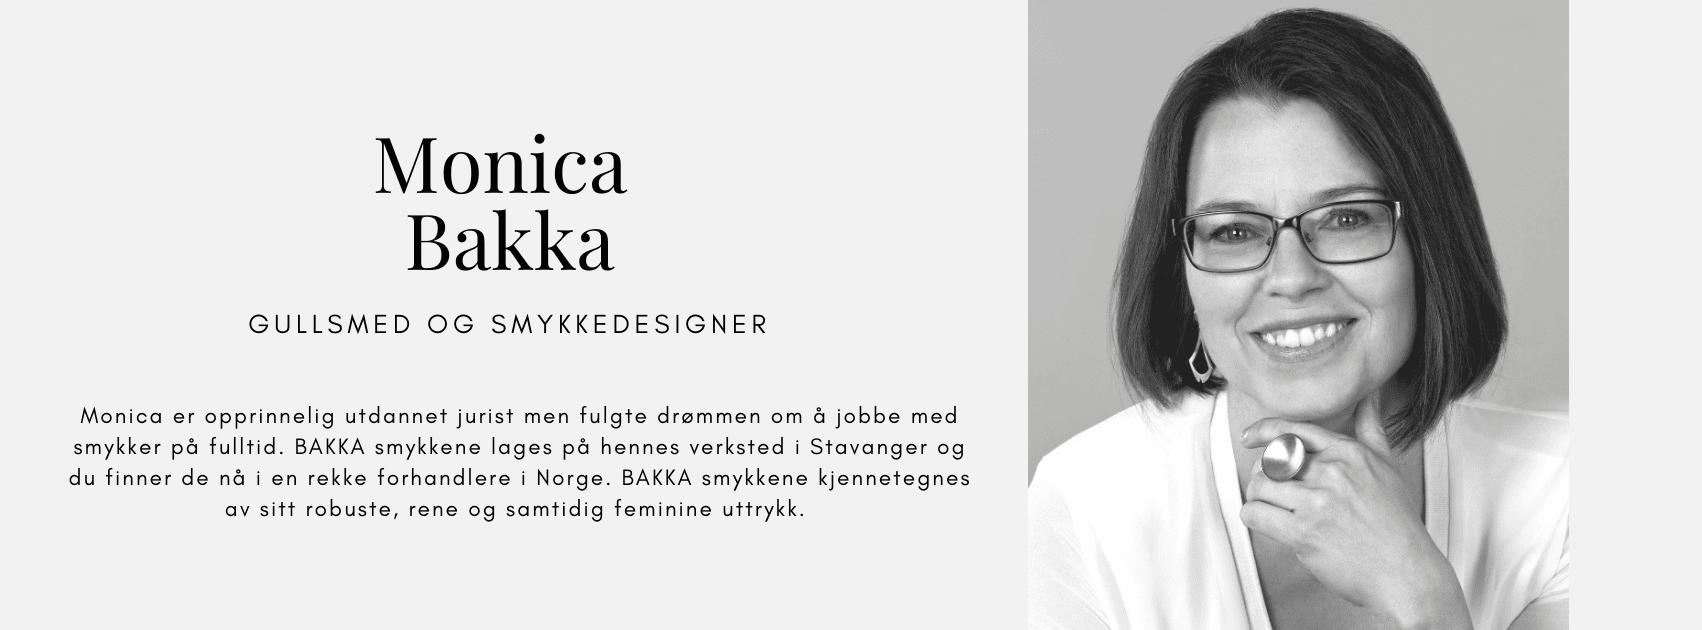 Monica Bakka gullsmed og smykkedesigner